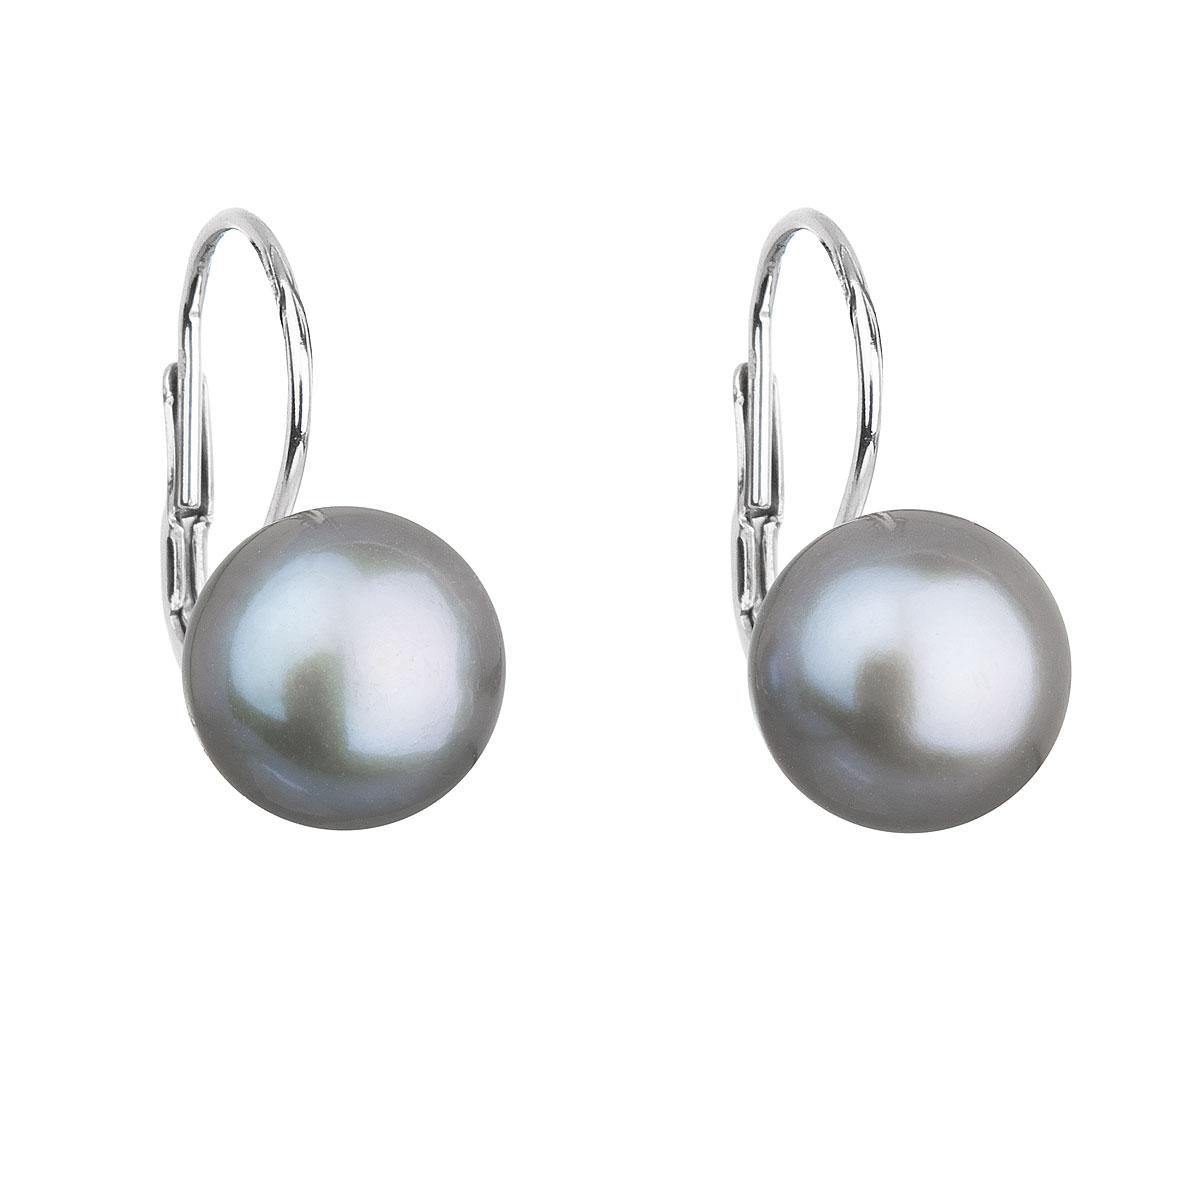 Evolution Group Stříbrné náušnice visací s šedou říční perlou 21009.3